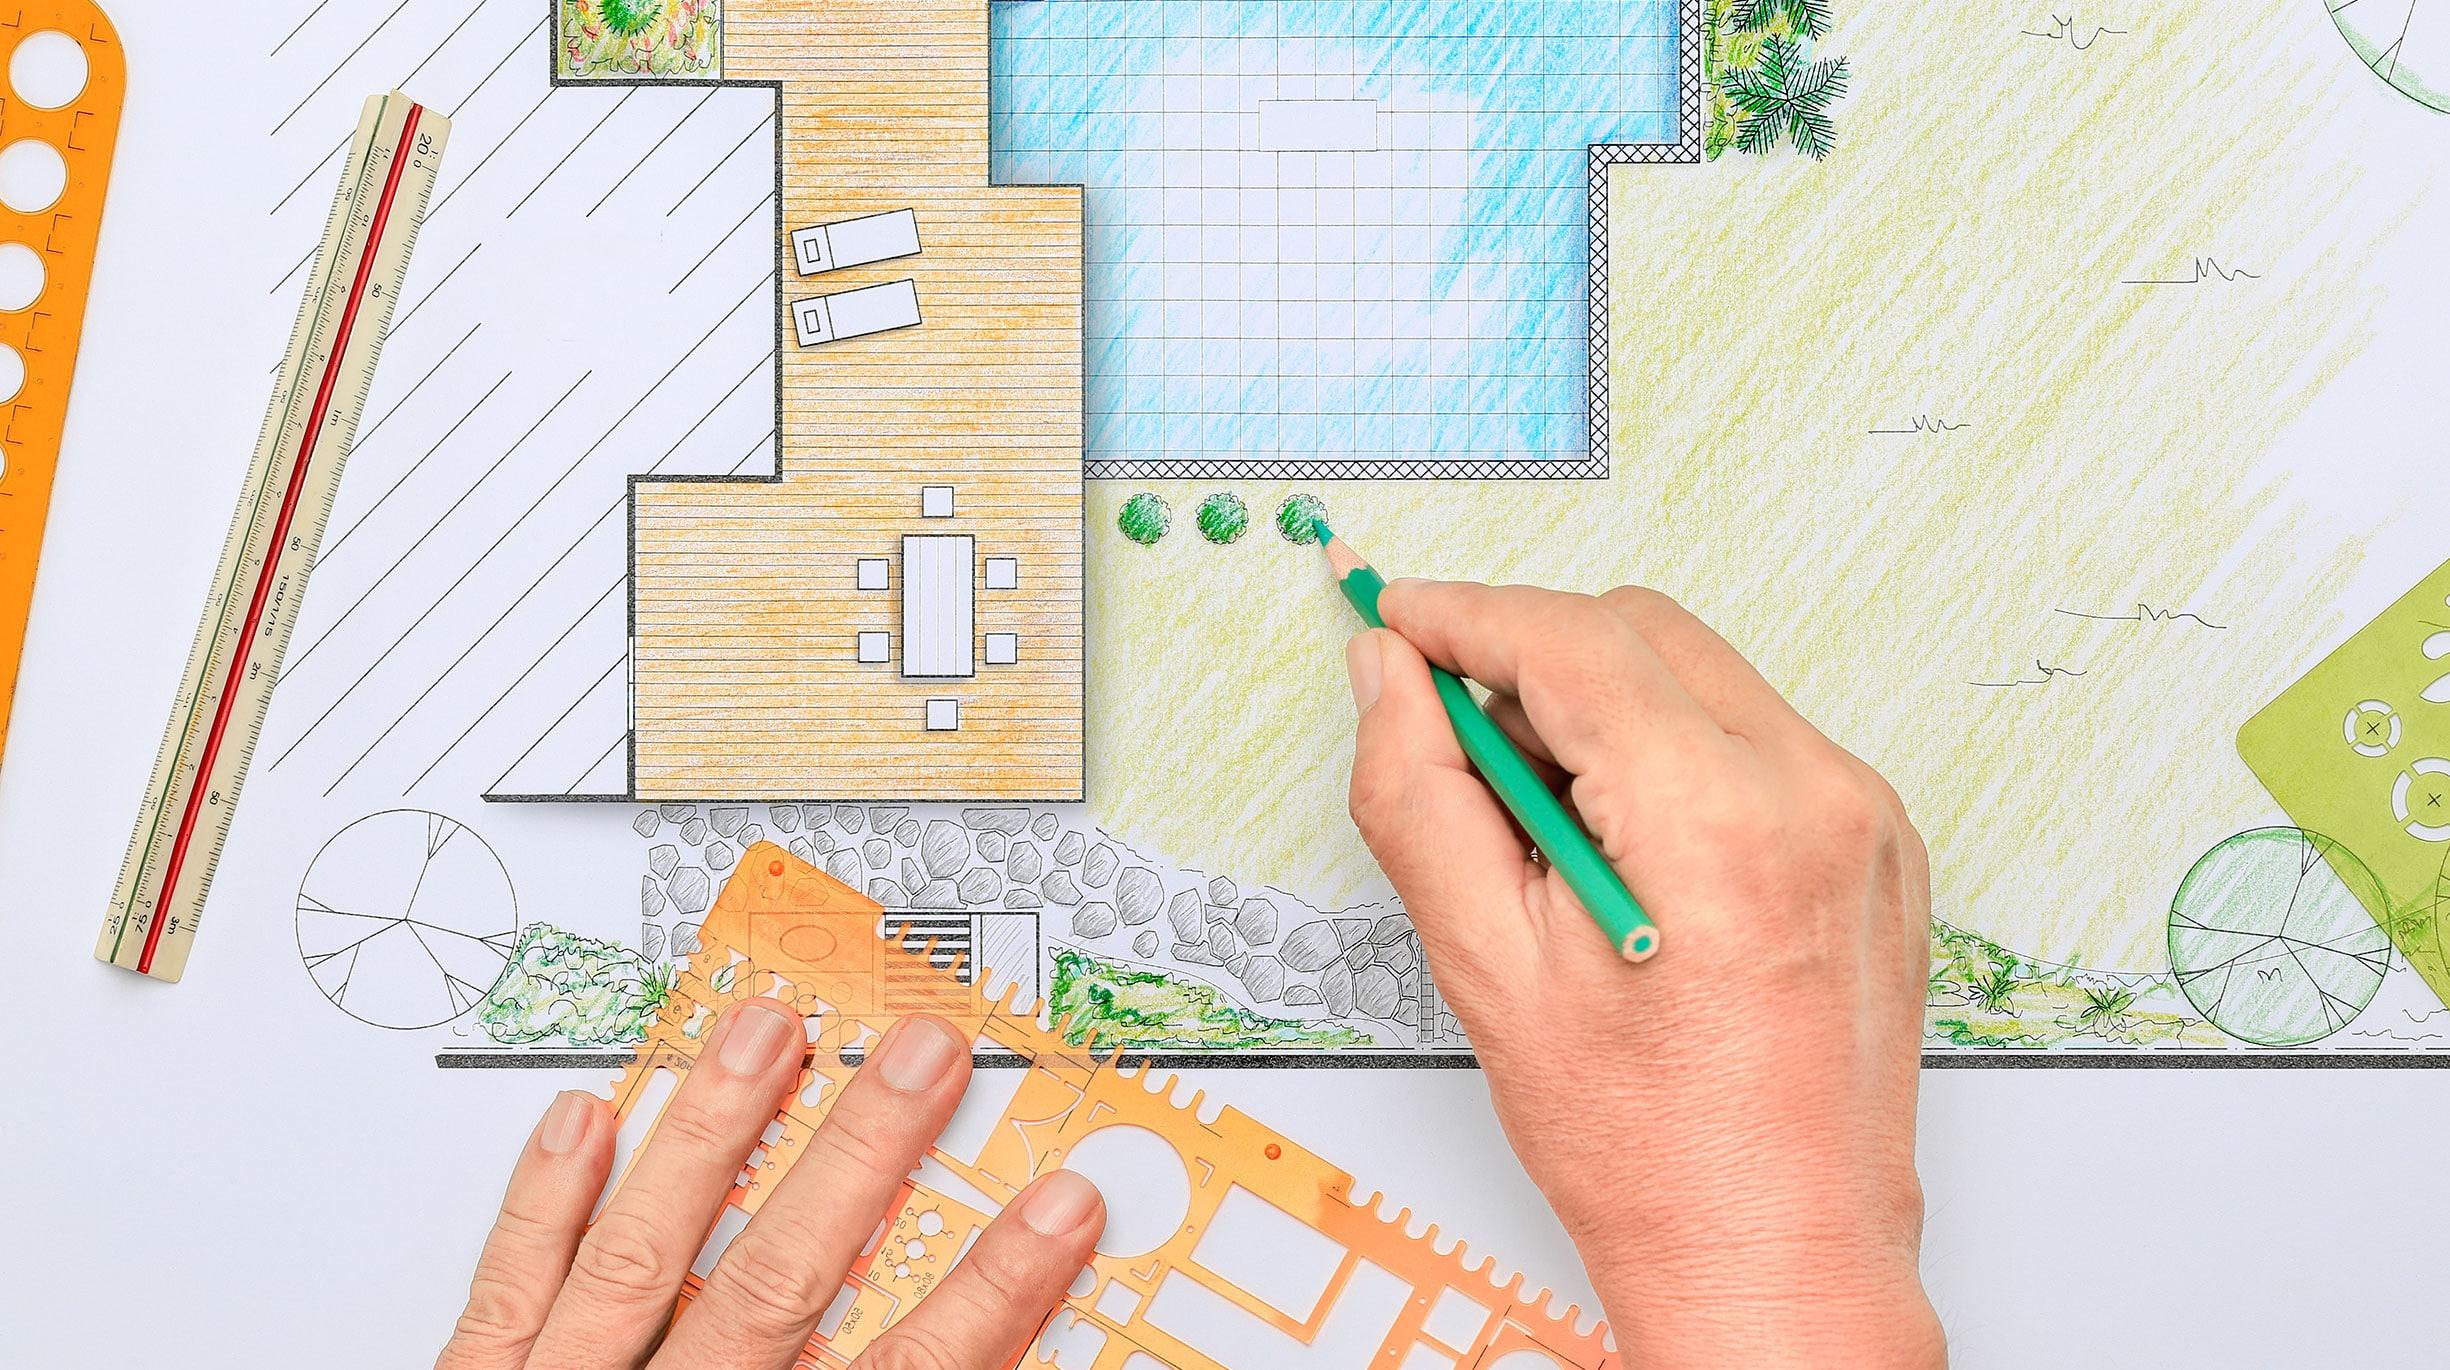 votre-projet-piscine-avec-generationpiscine 5 bonnes raisons d'opter pour un couloir de nage en coque